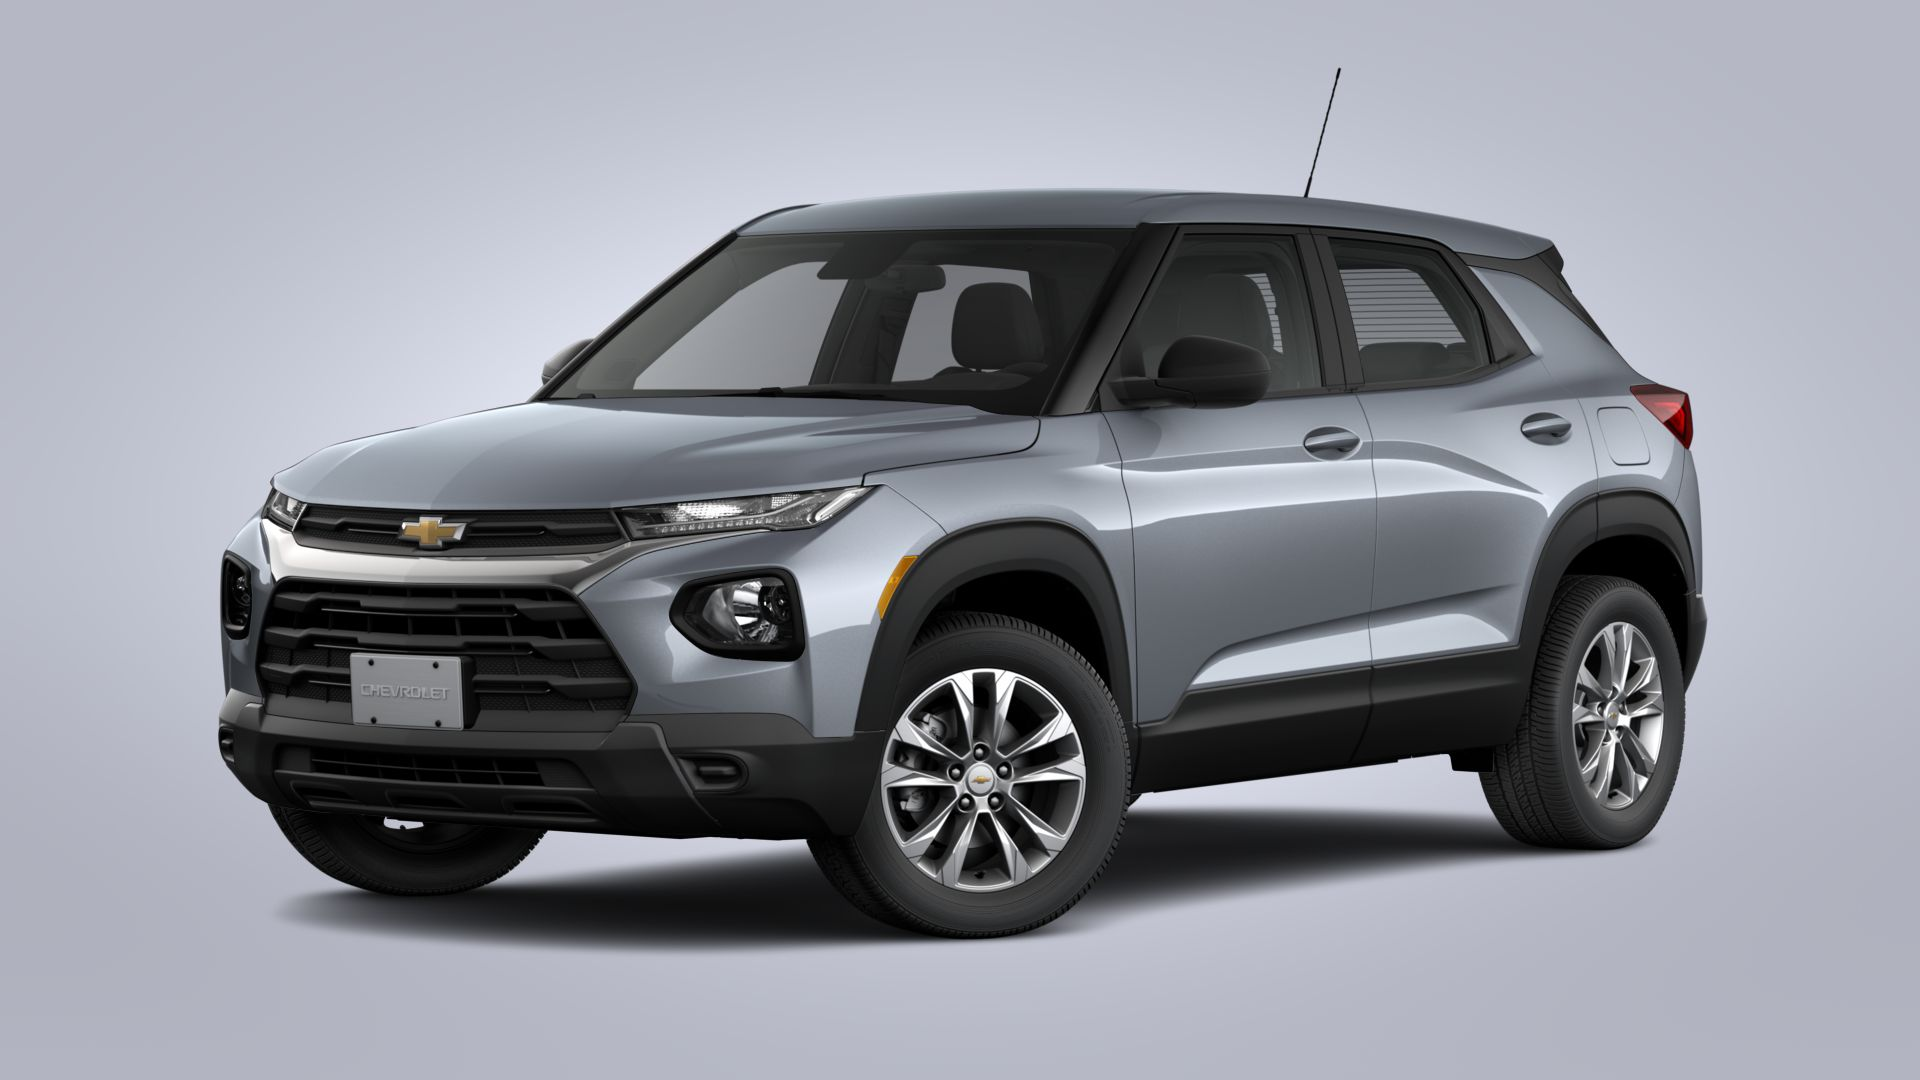 2021 Chevrolet Trailblazer SUV